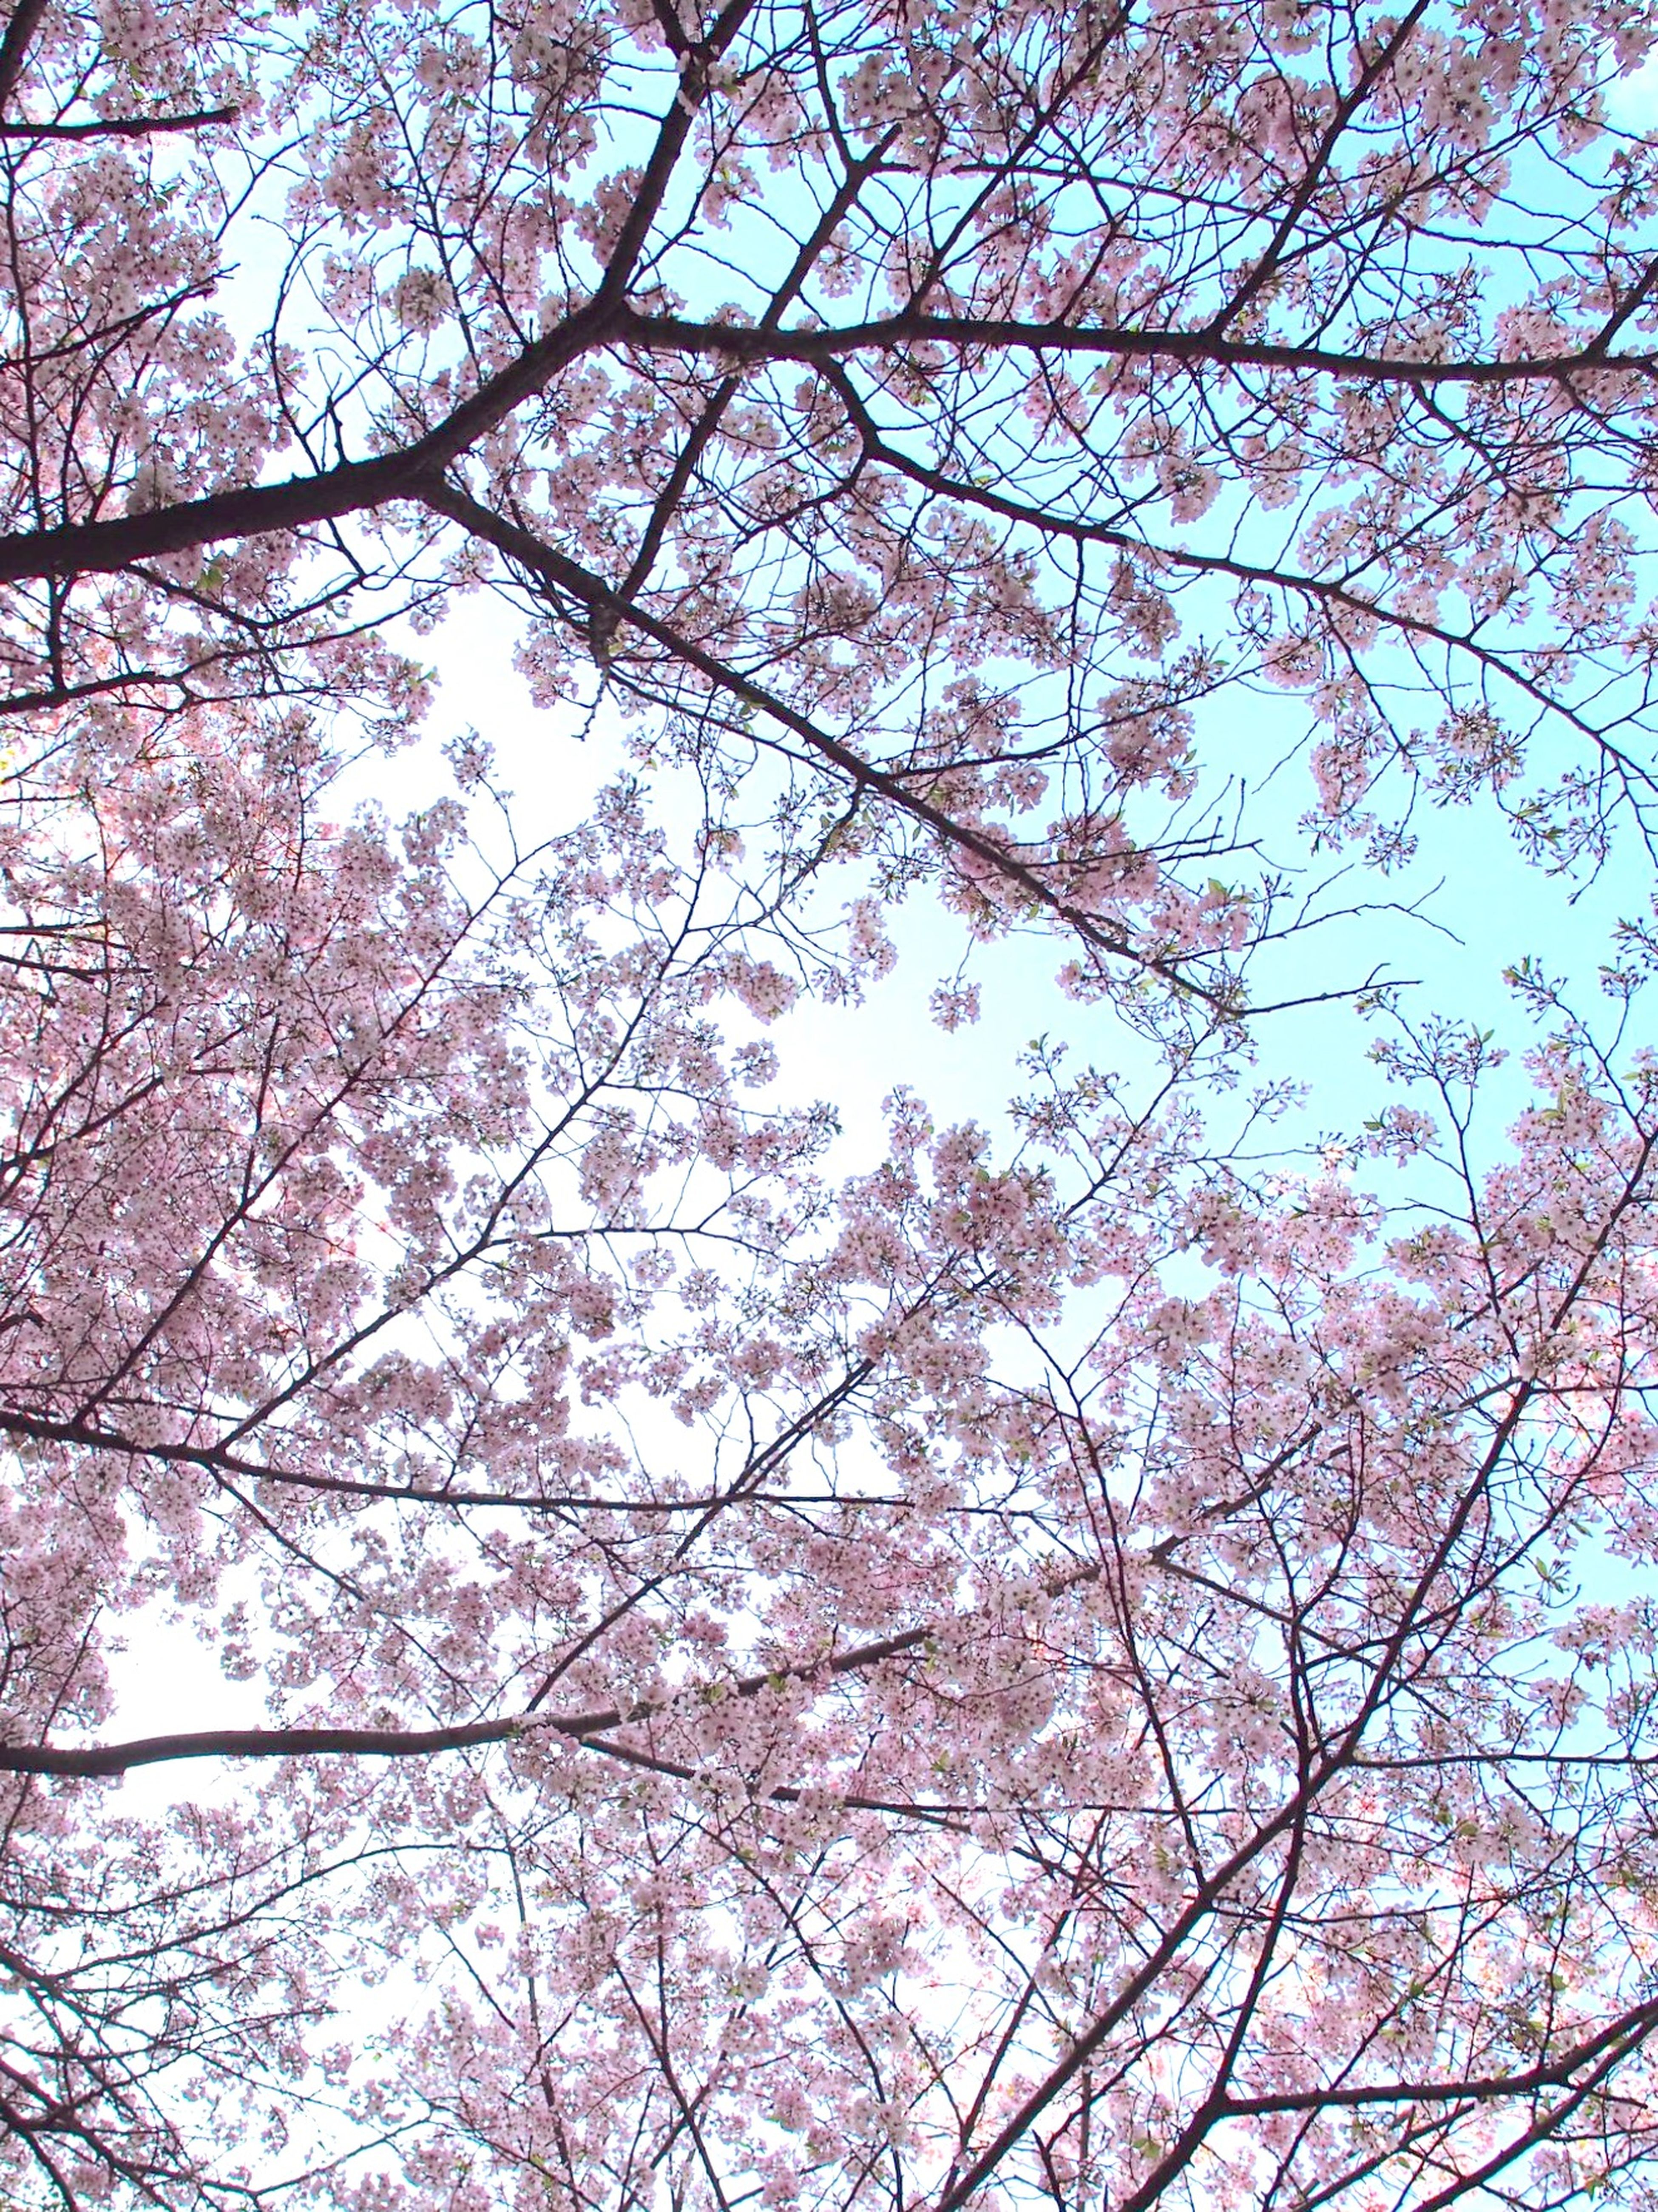 Sakura Cherry Blossoms Cherryblossom